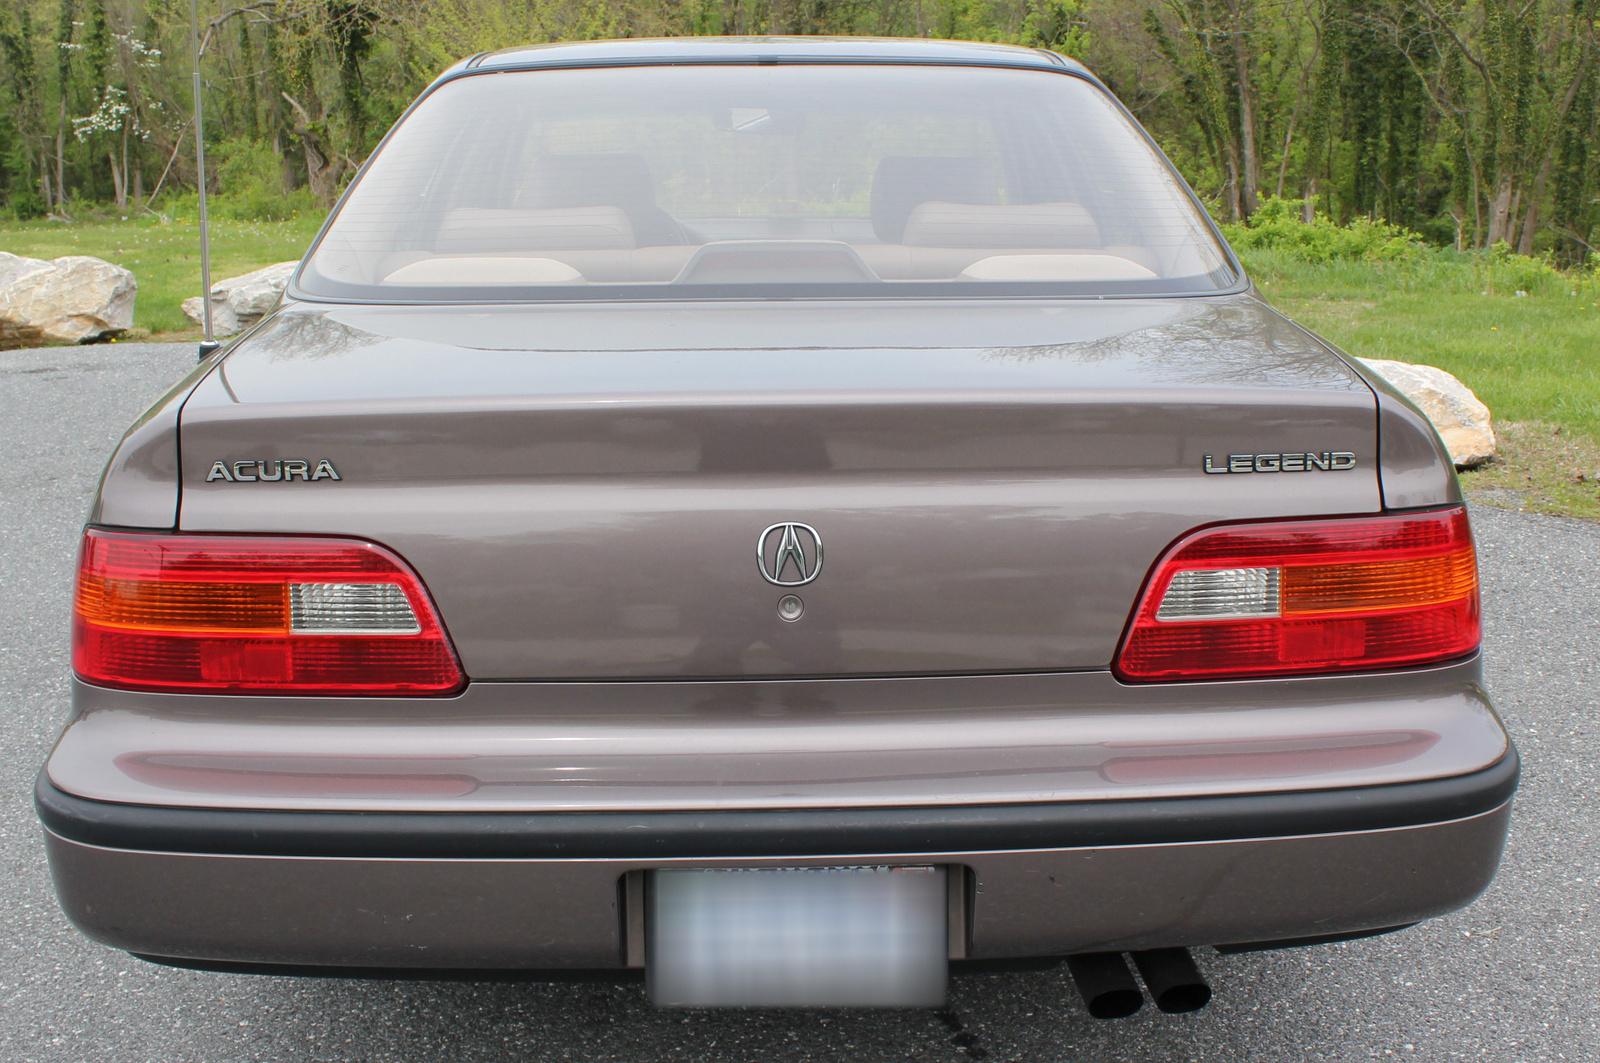 1992 Acura Legend - Pictures - CarGurus